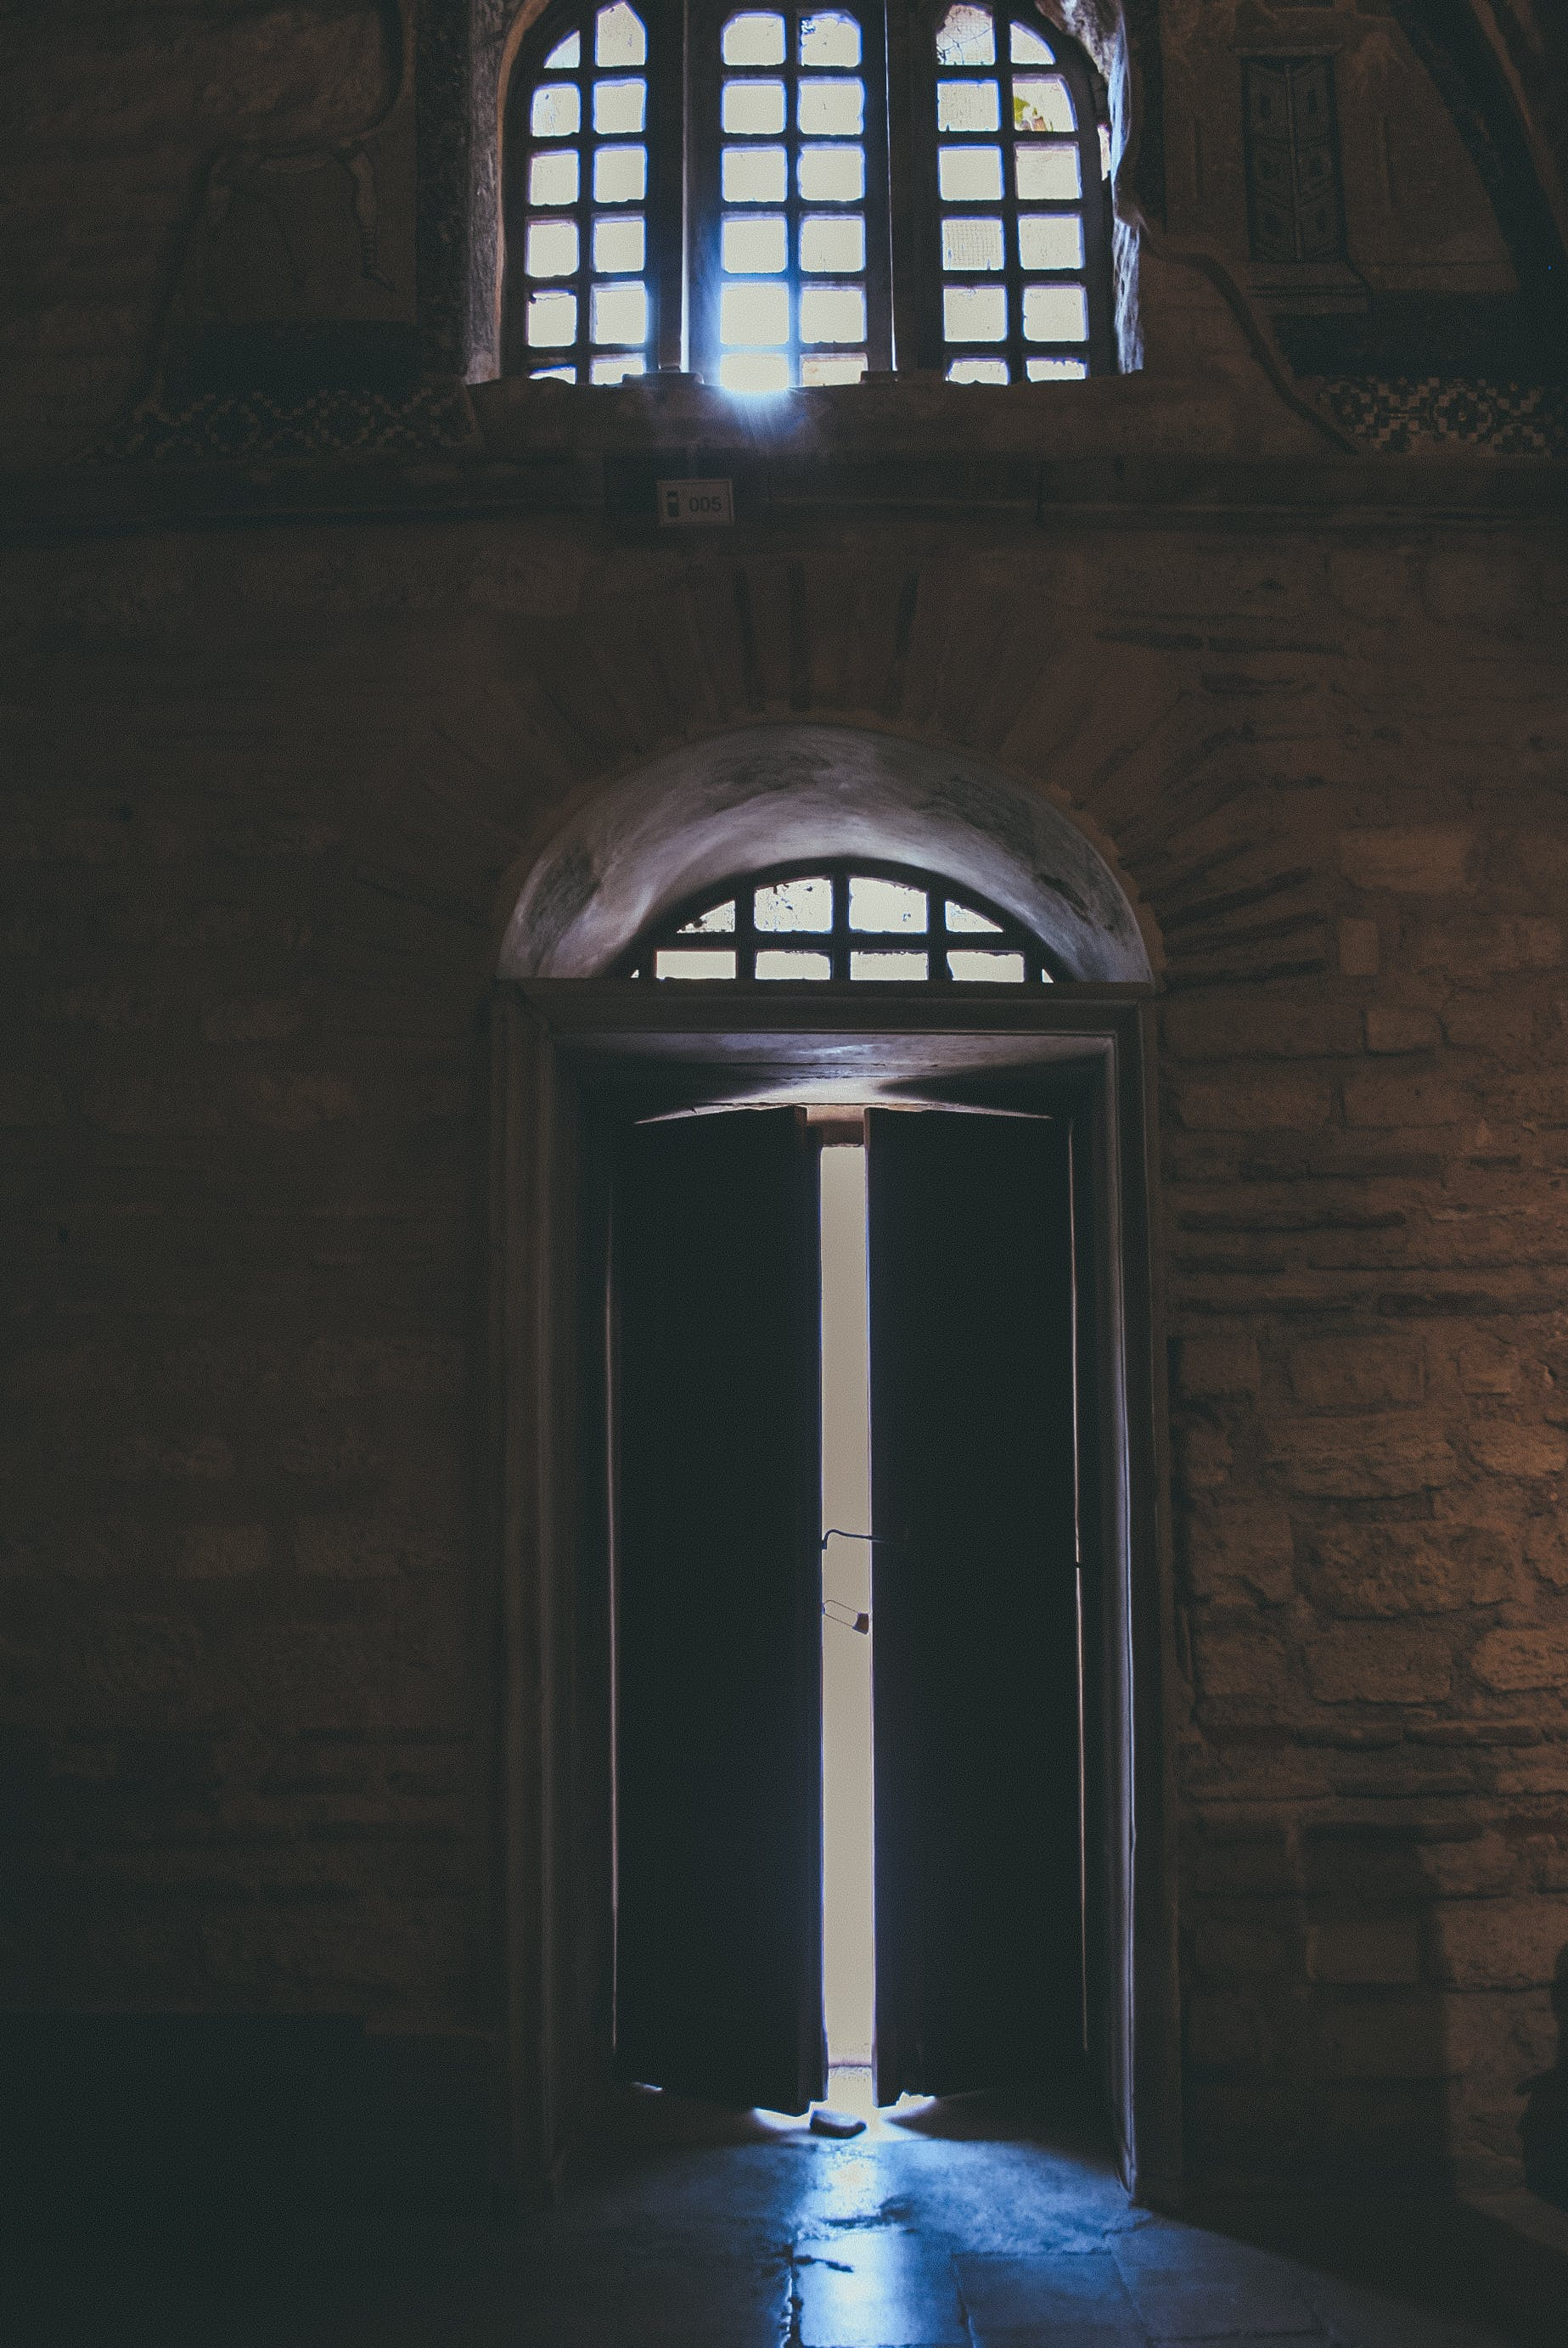 アーチ, インドア, エントランス, ガラスの無料の写真素材